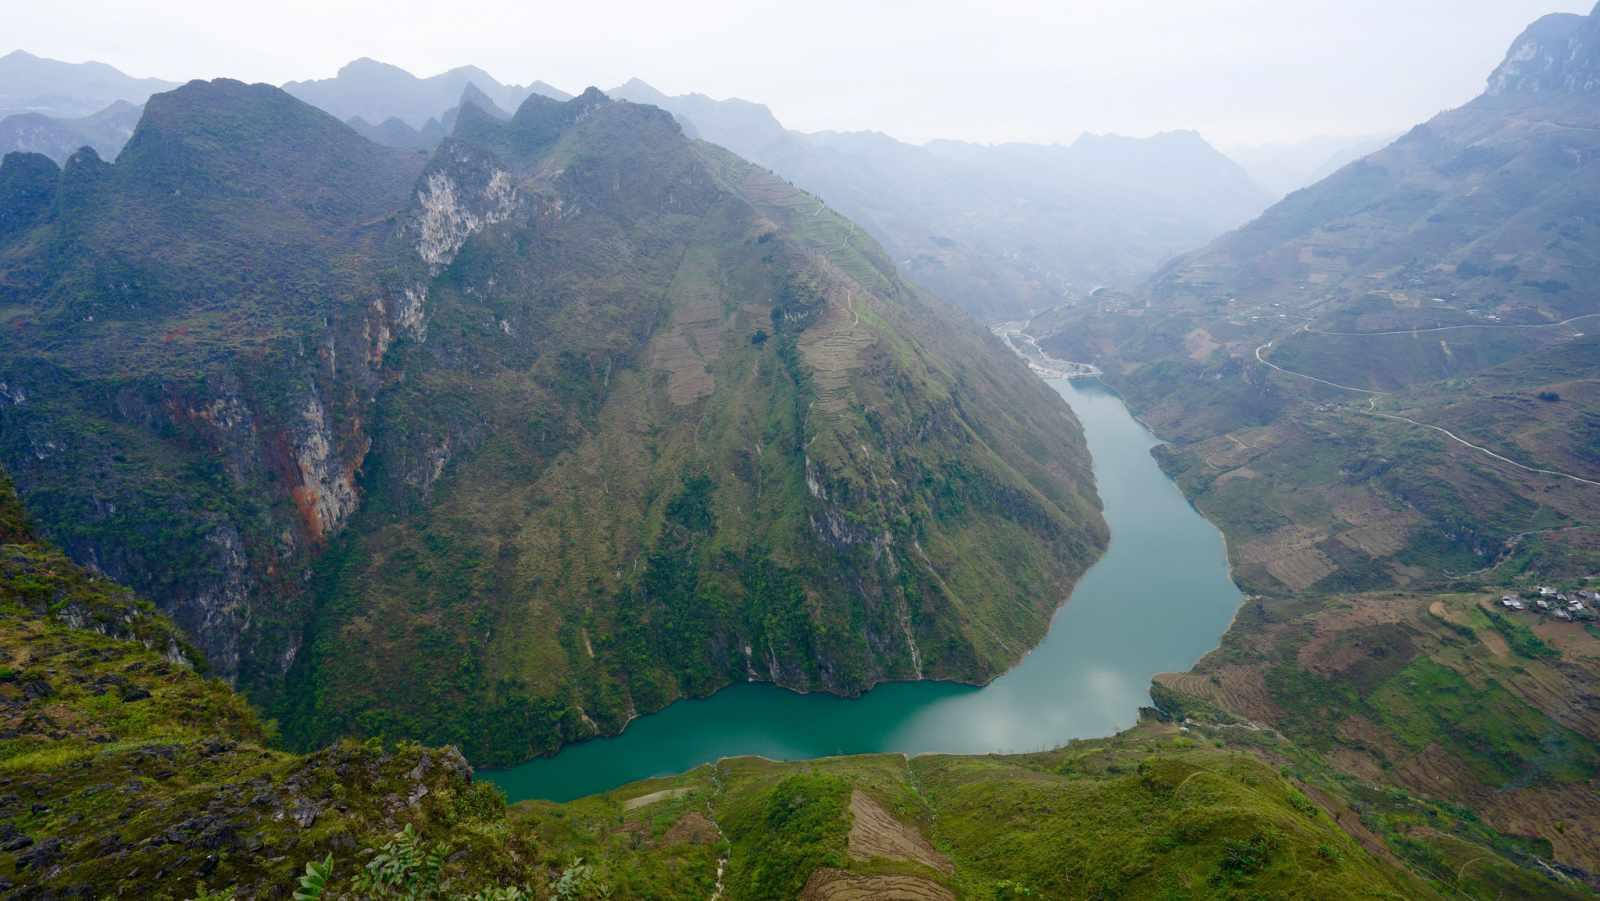 Từ trên đèo, bạn có thể nhìn thấy dòng Nho Quế mềm mại như một dải lụa giữa núi đồi. Tour du lich dong bac.